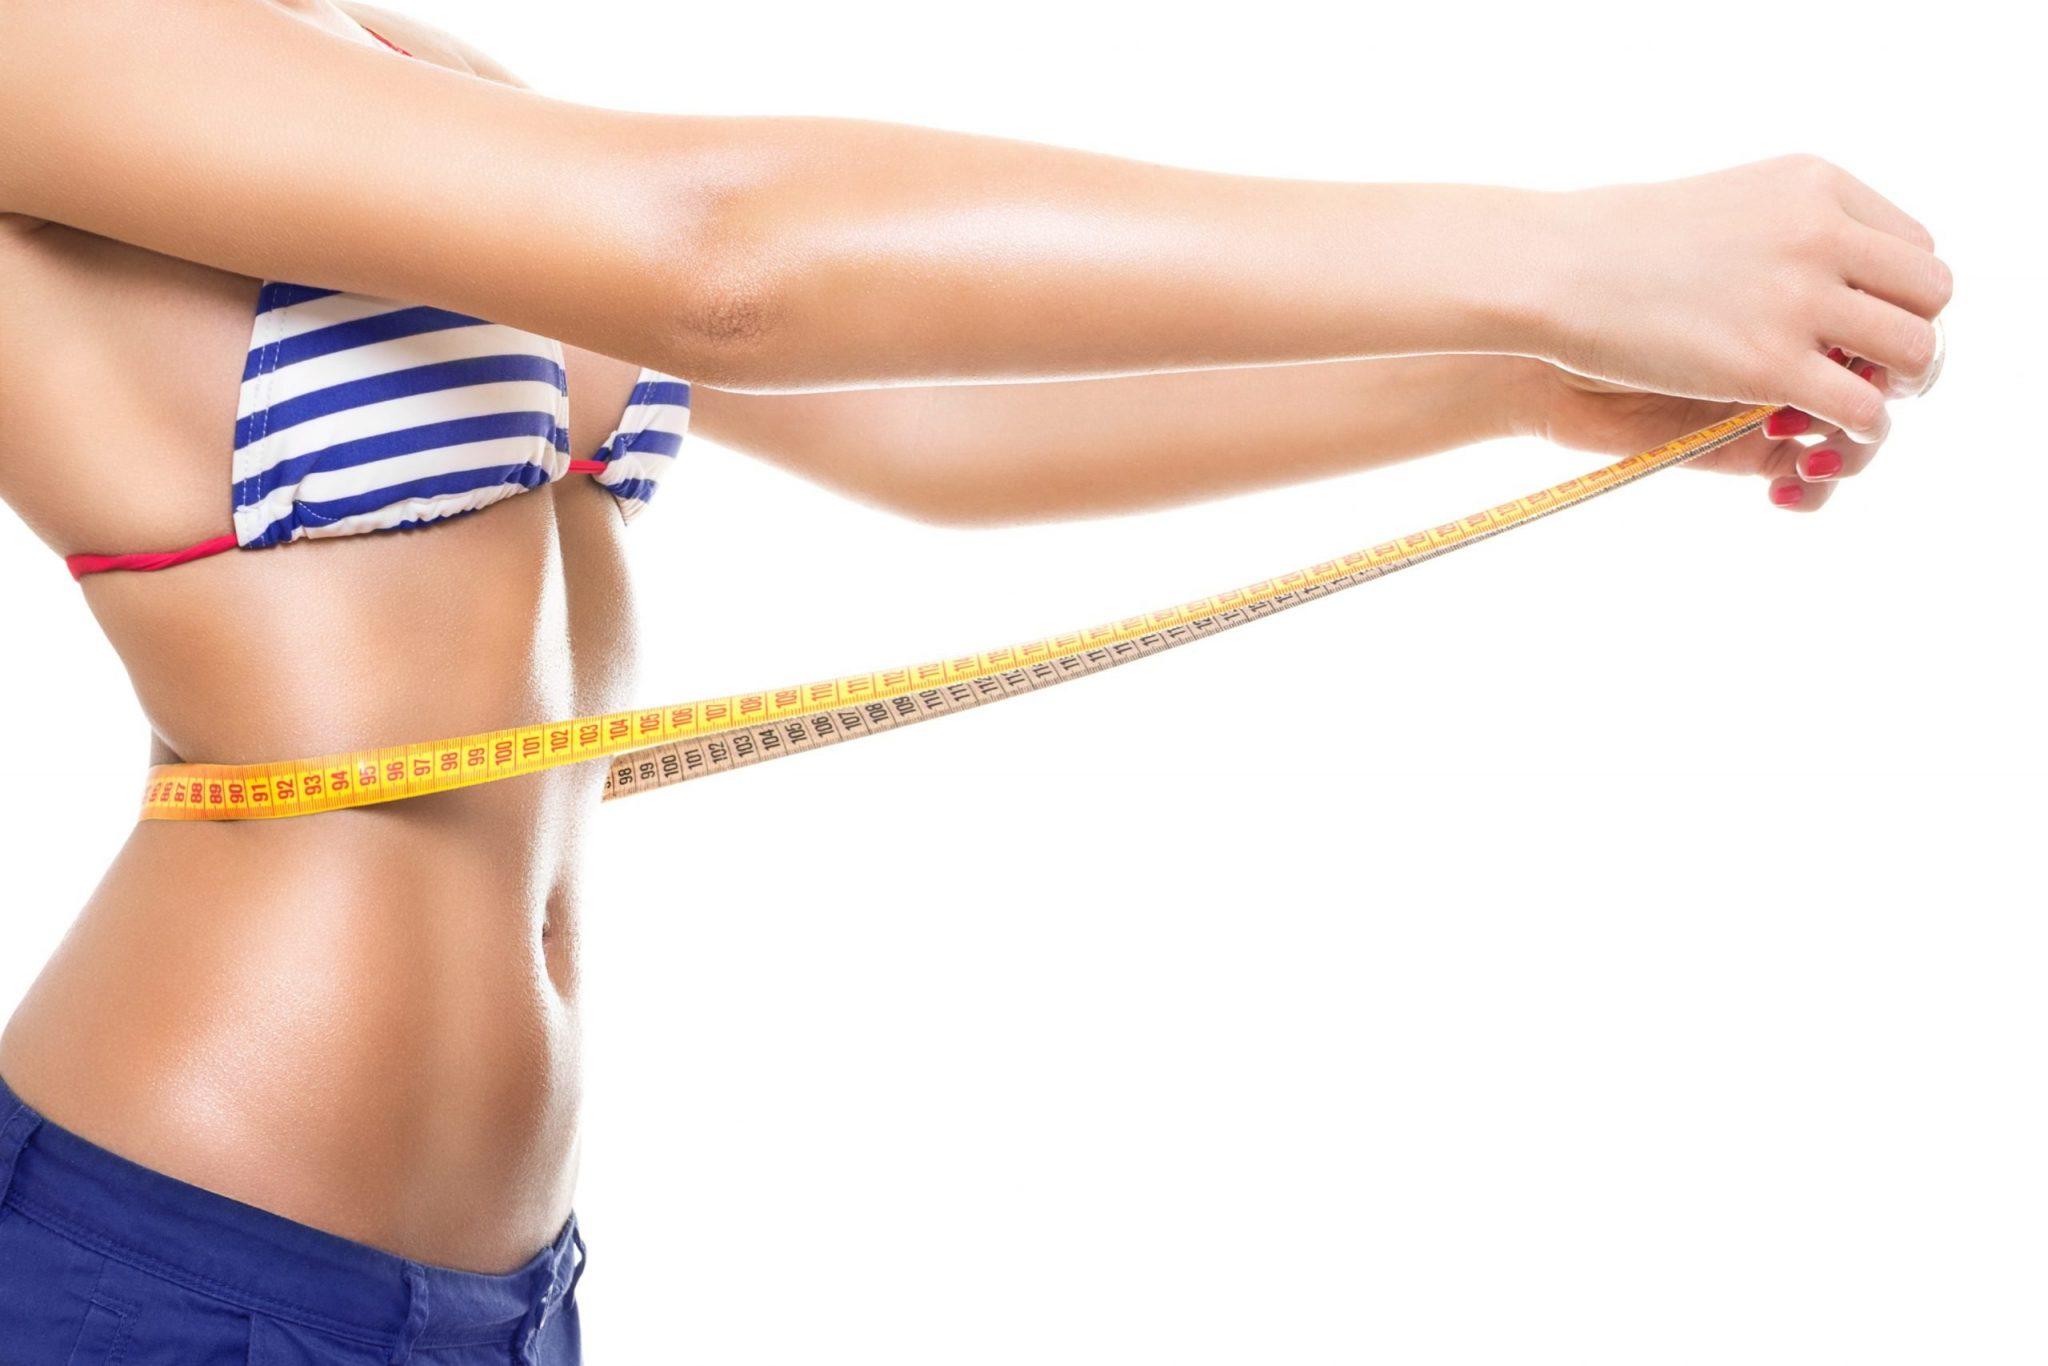 Как избавиться от лишнего веса при помощи таймера